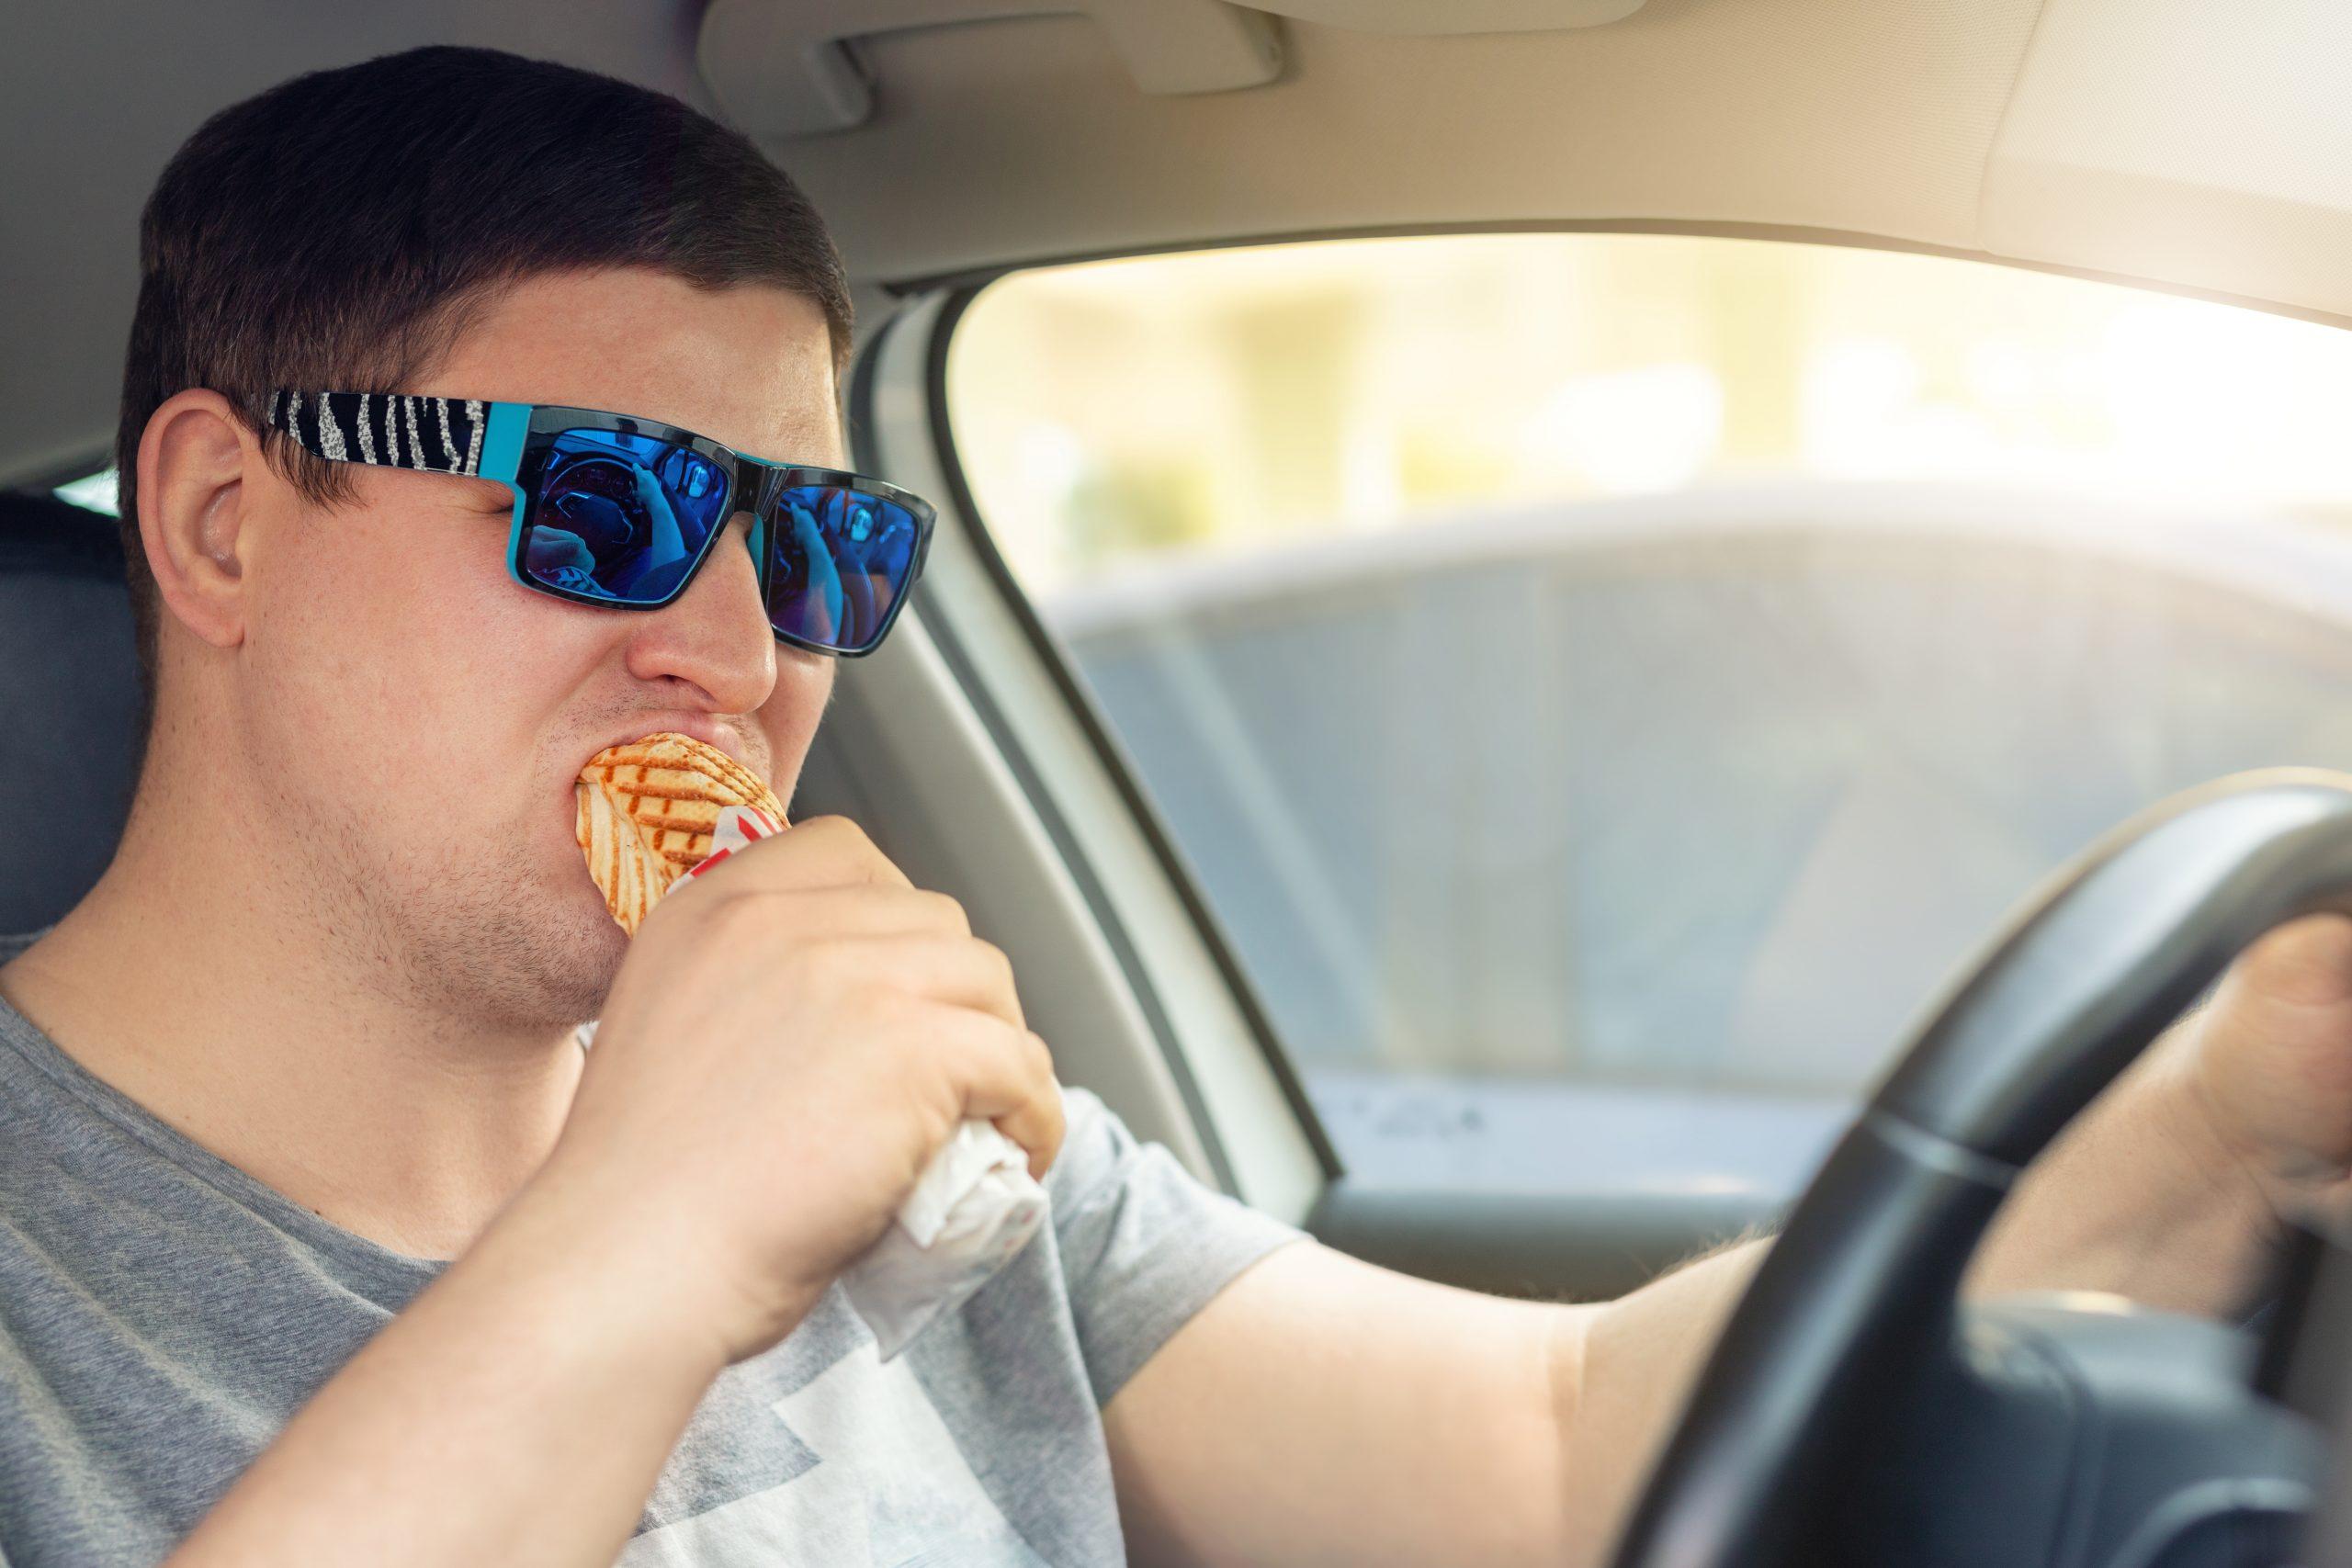 motorista comendo salgado enquanto dirige mantando apenas uma mao no volante do carro